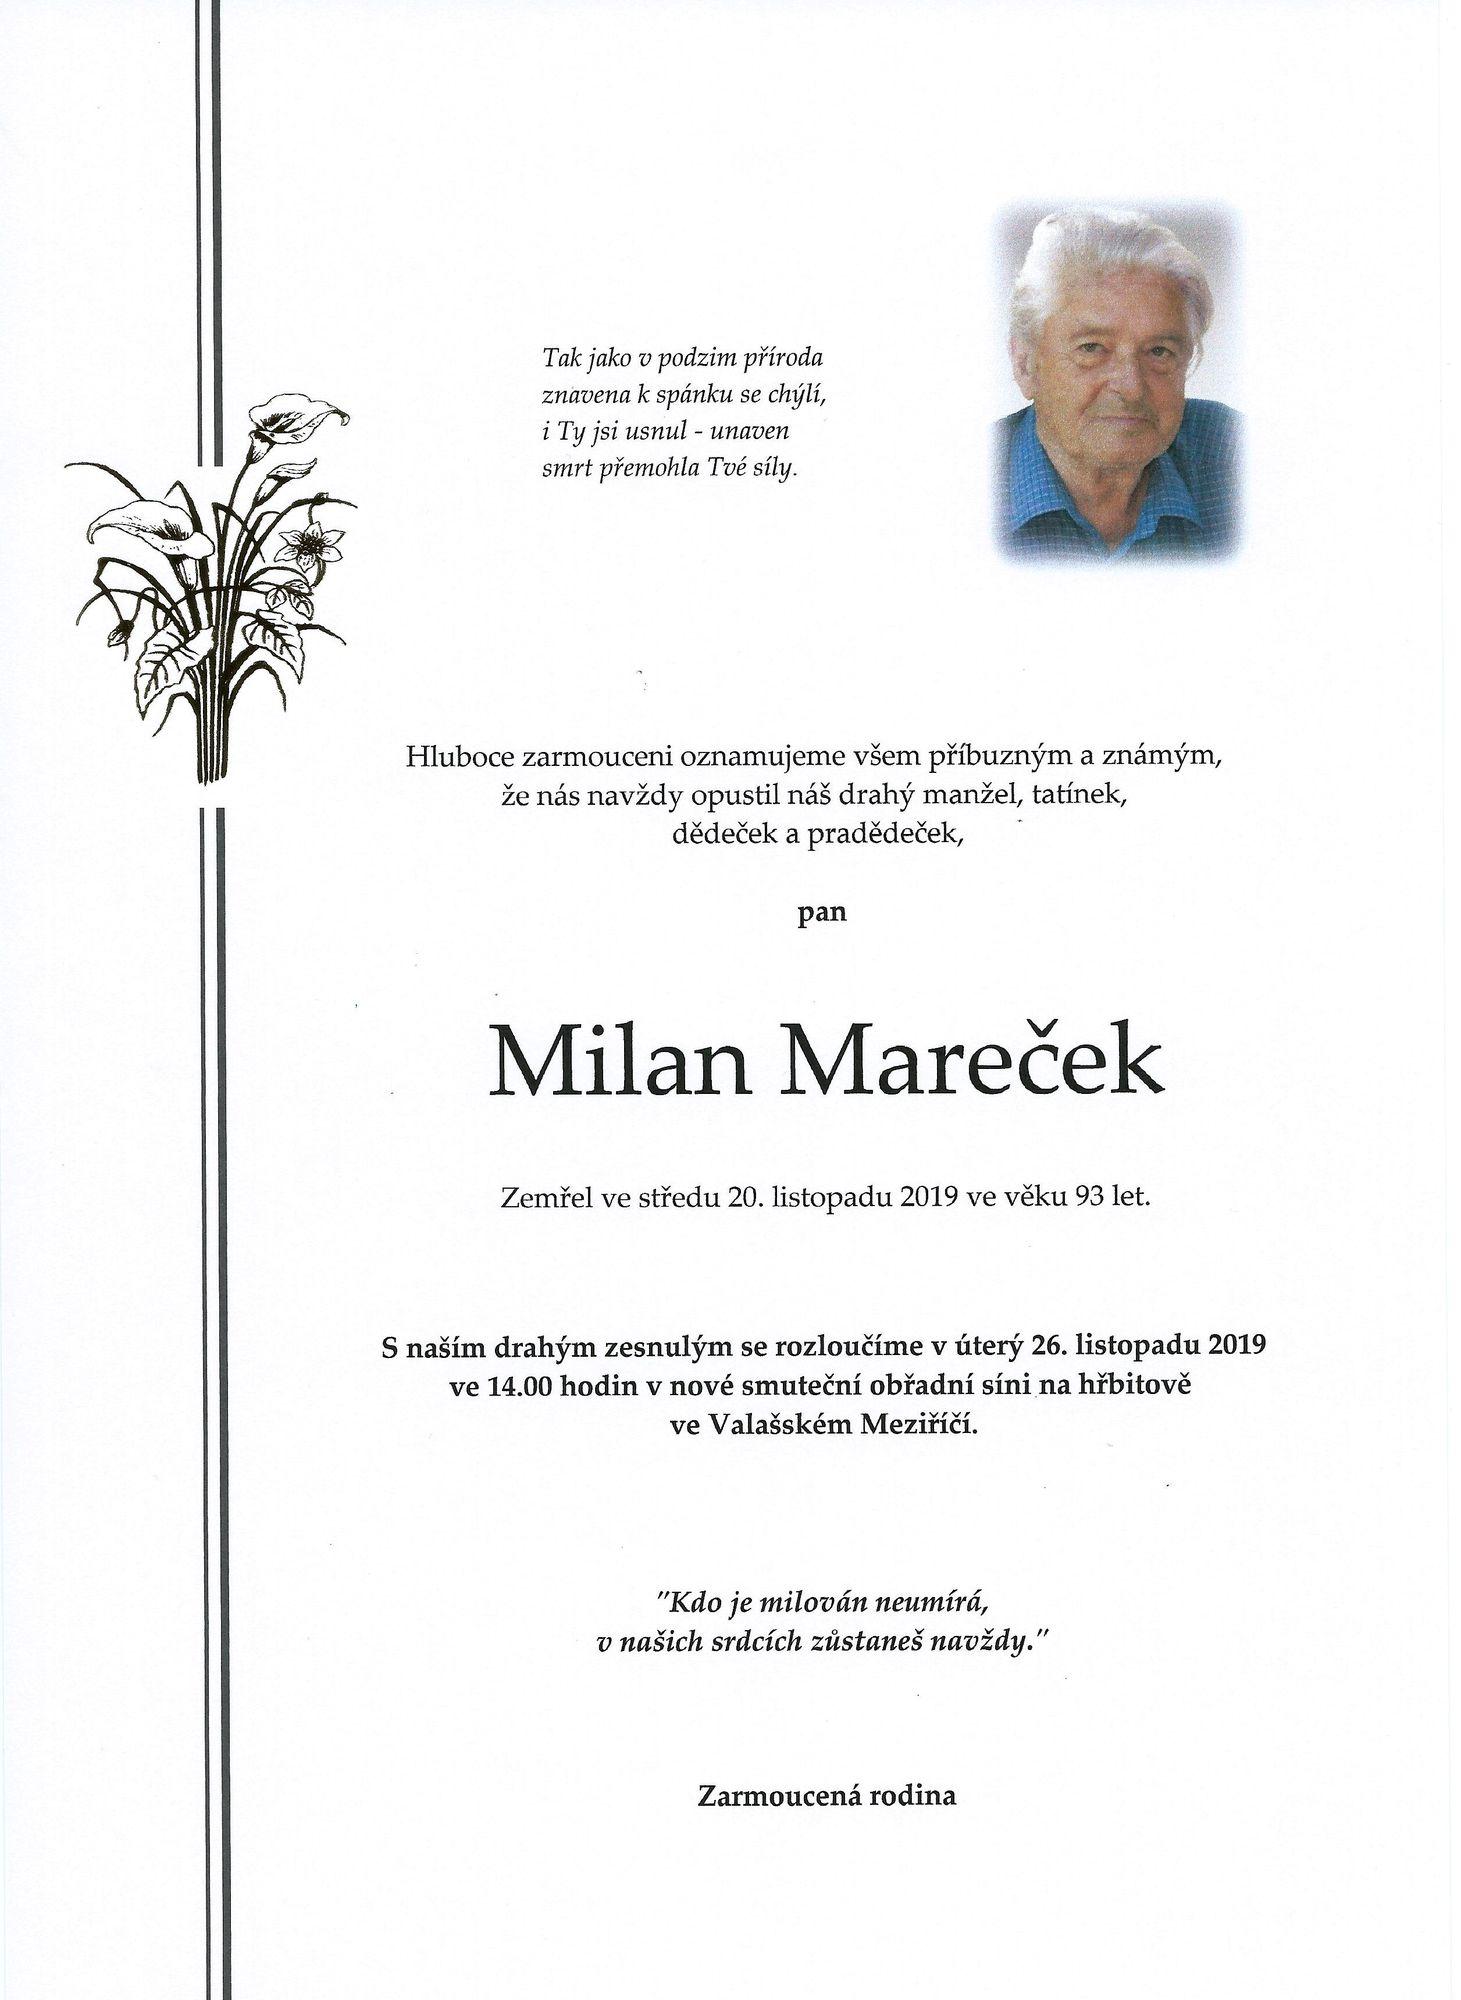 Milan Mareček